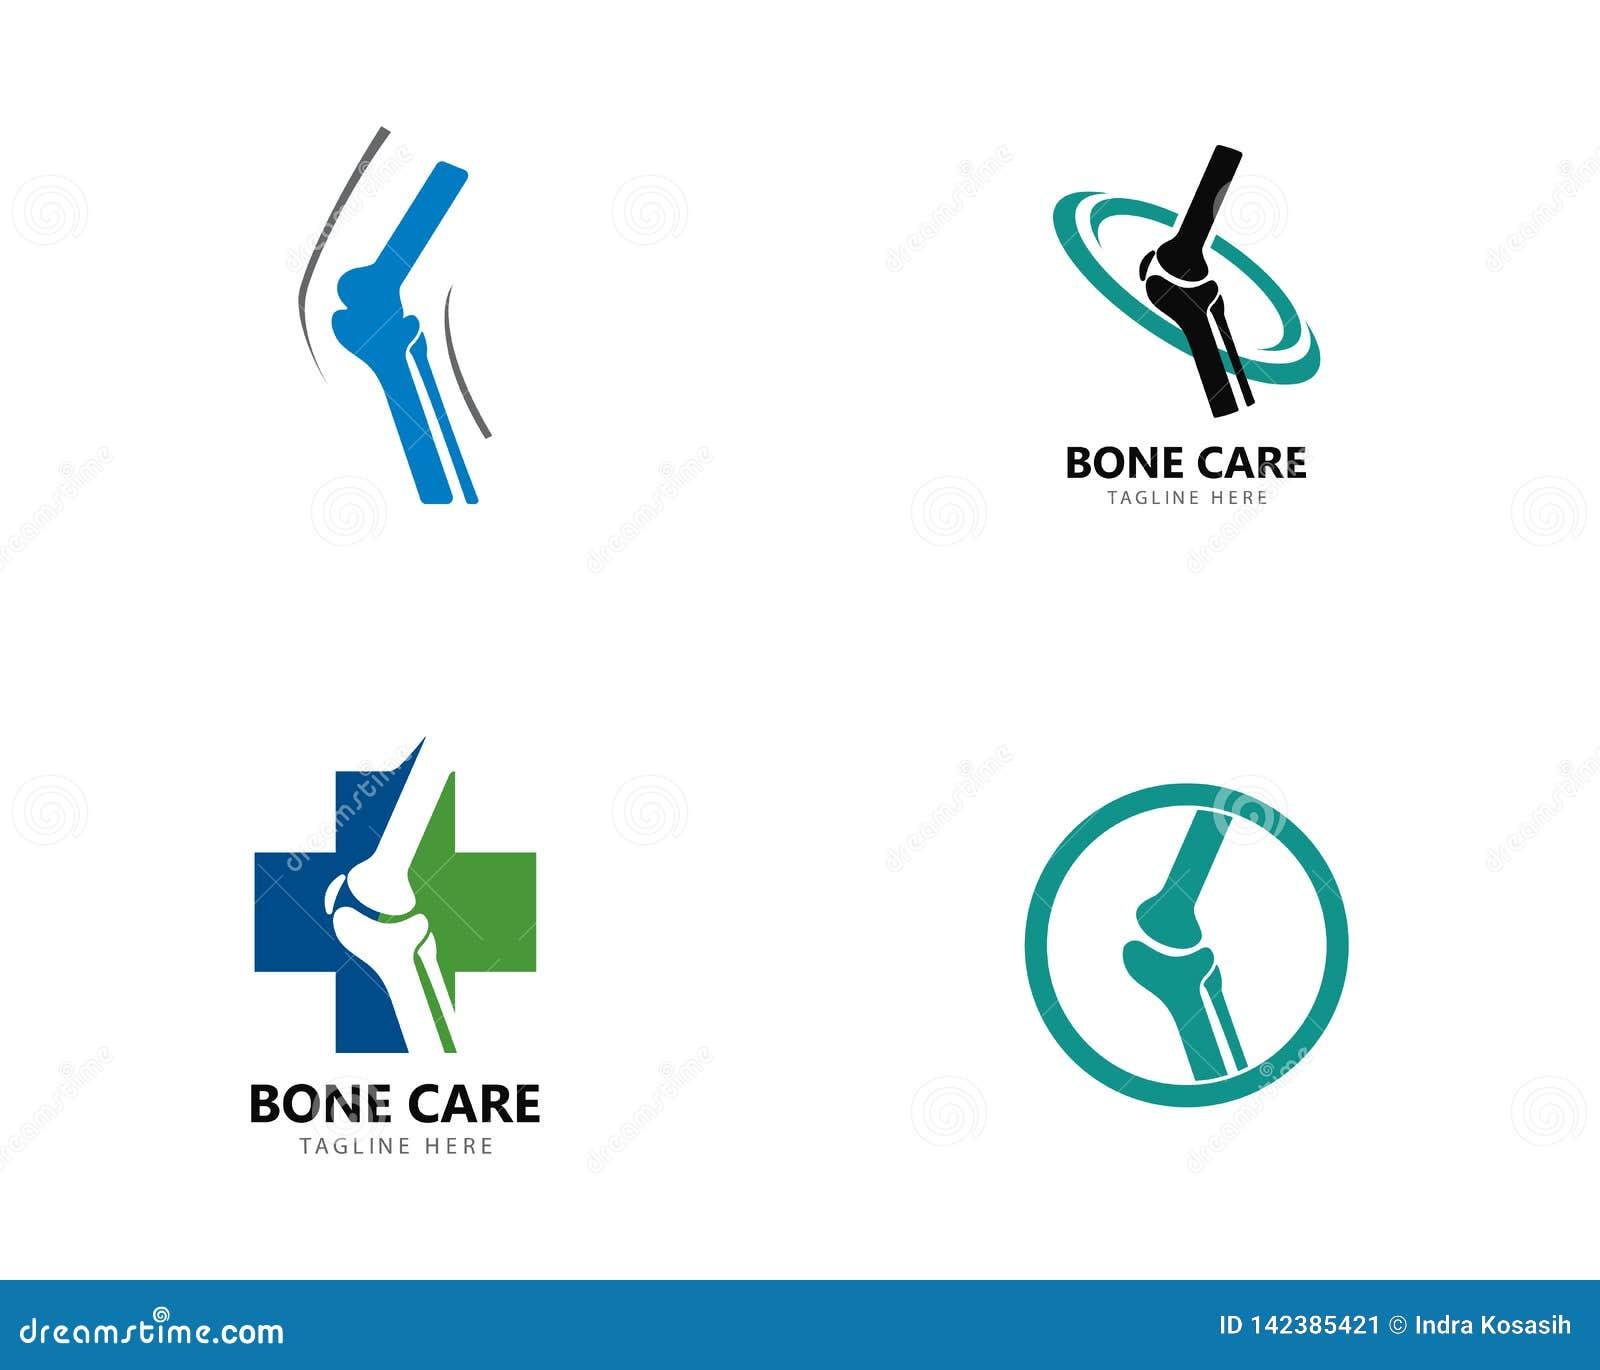 Конструктивная схема логотипа здоровья косточки, вектор обработки косточки